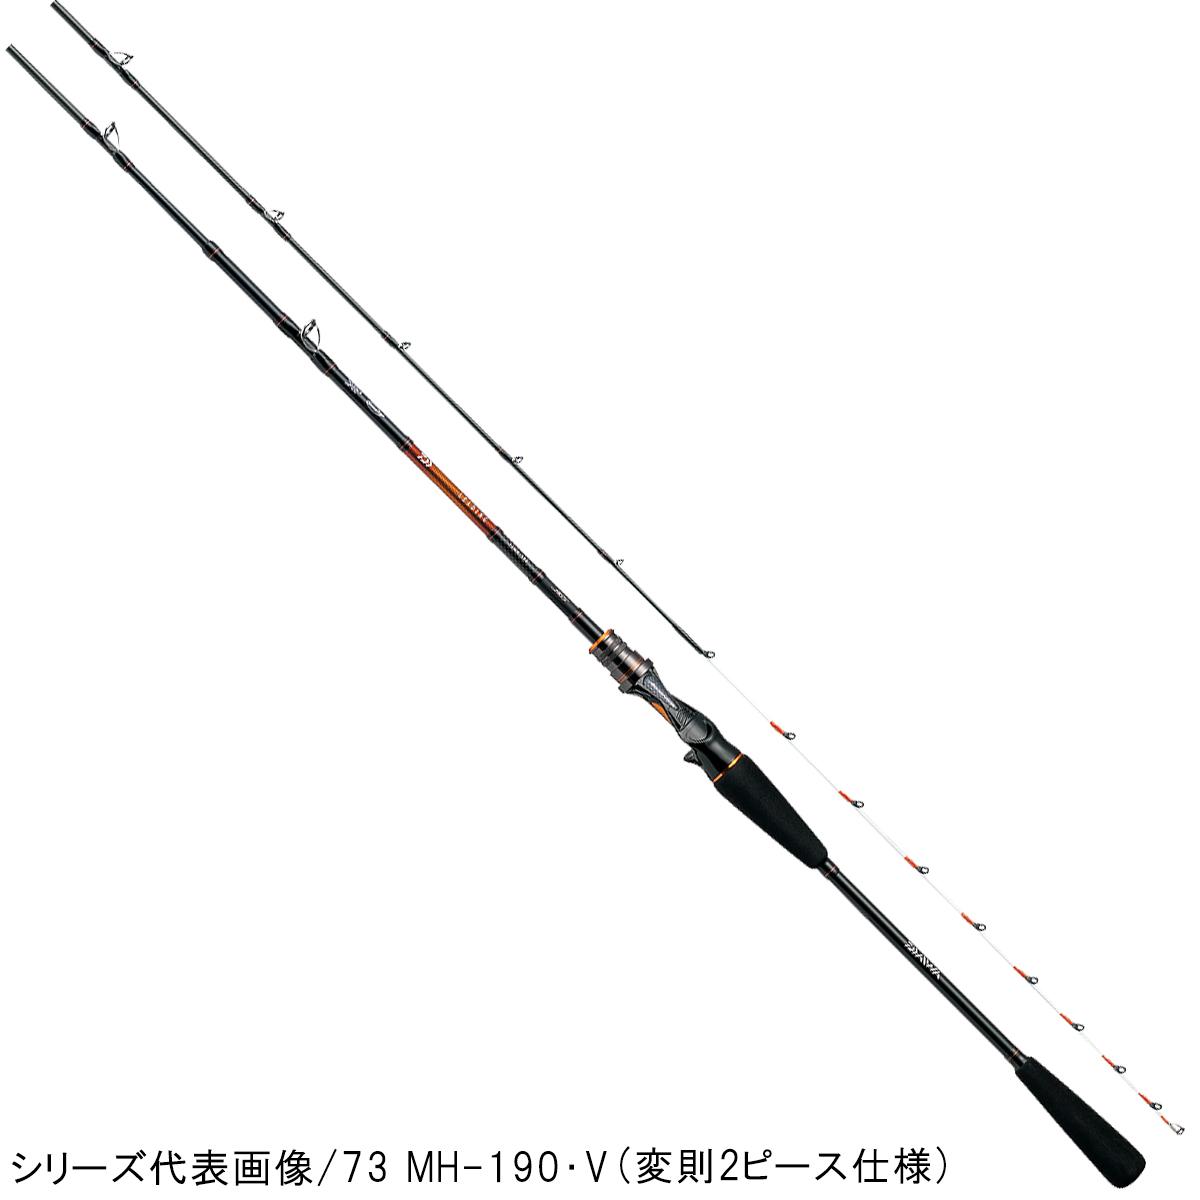 ダイワ リーディング 82 M-185 MT・V(東日本店)